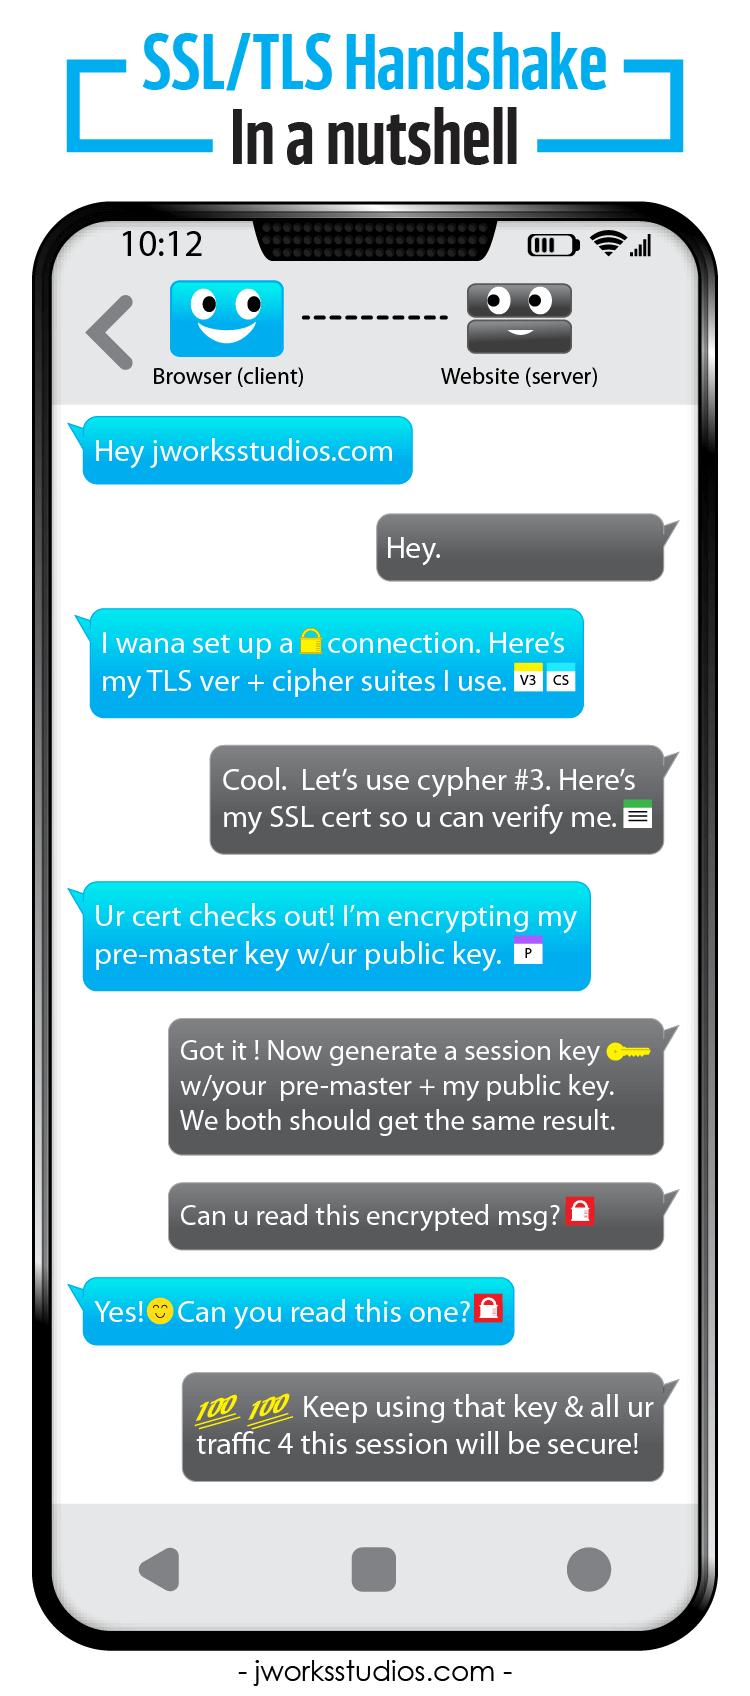 SSL/TLS Handshake in a Nutshell